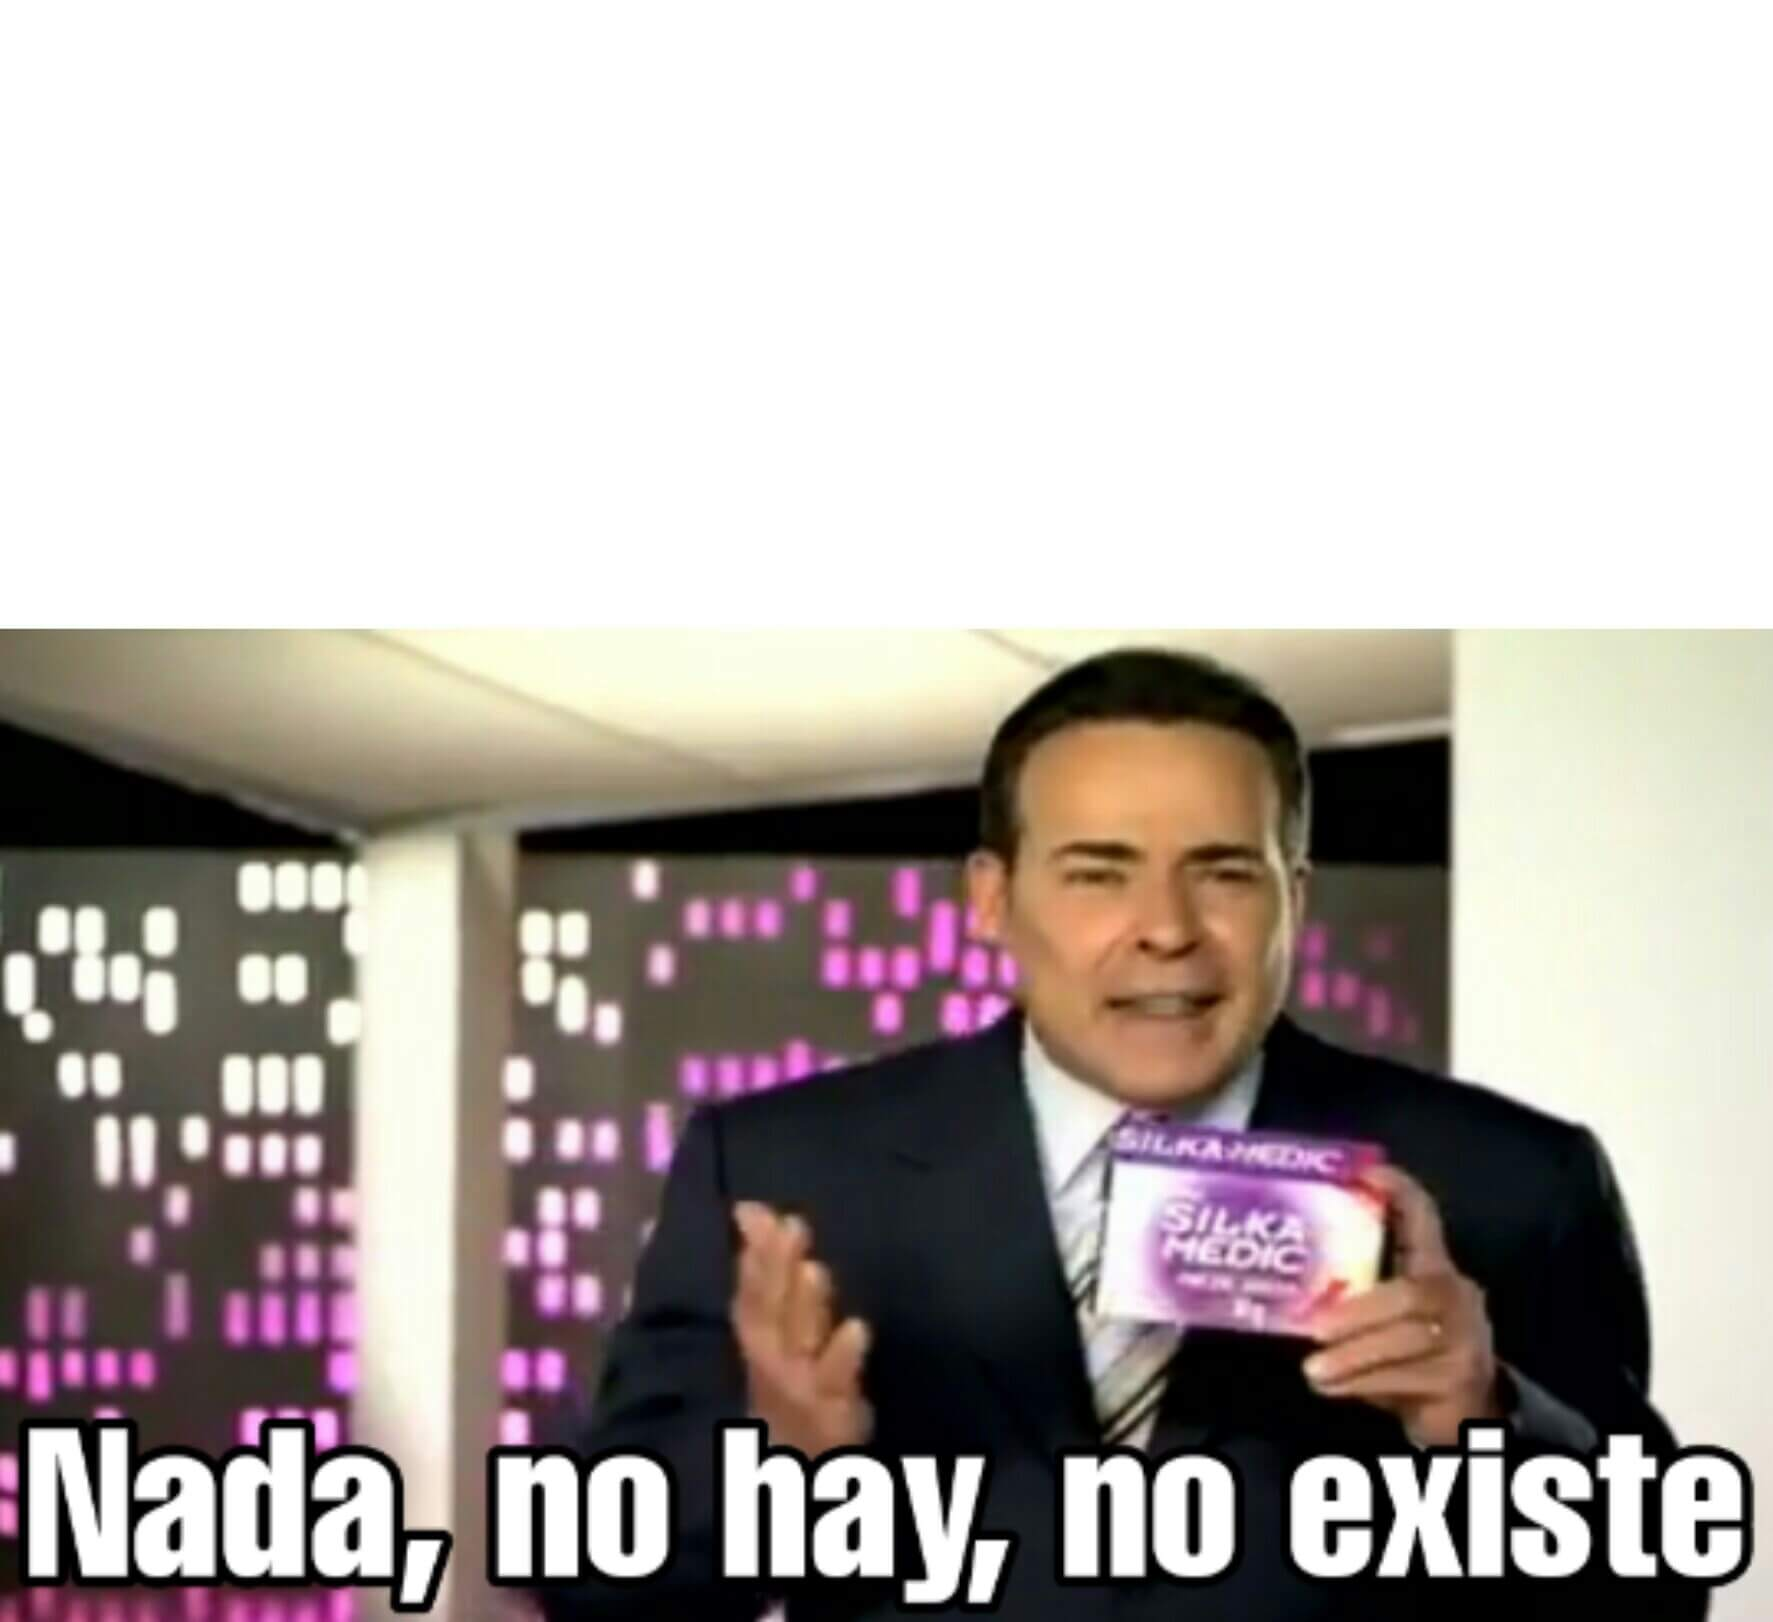 Ir a la pagina de la plantilla Nada, no hay, no existe.